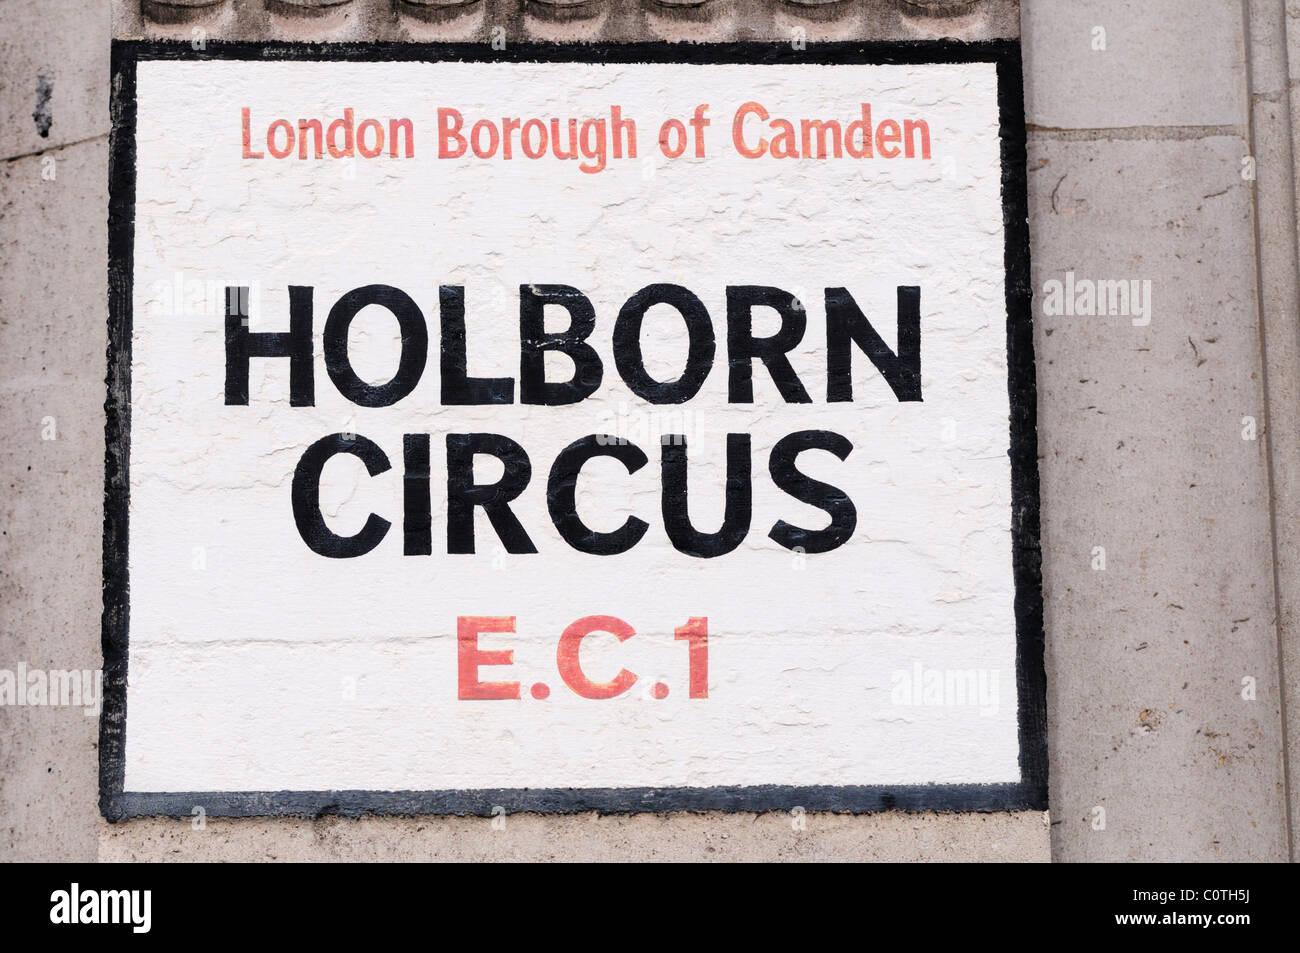 Holborn Circus EC1 Street Sign, London, England, UK - Stock Image